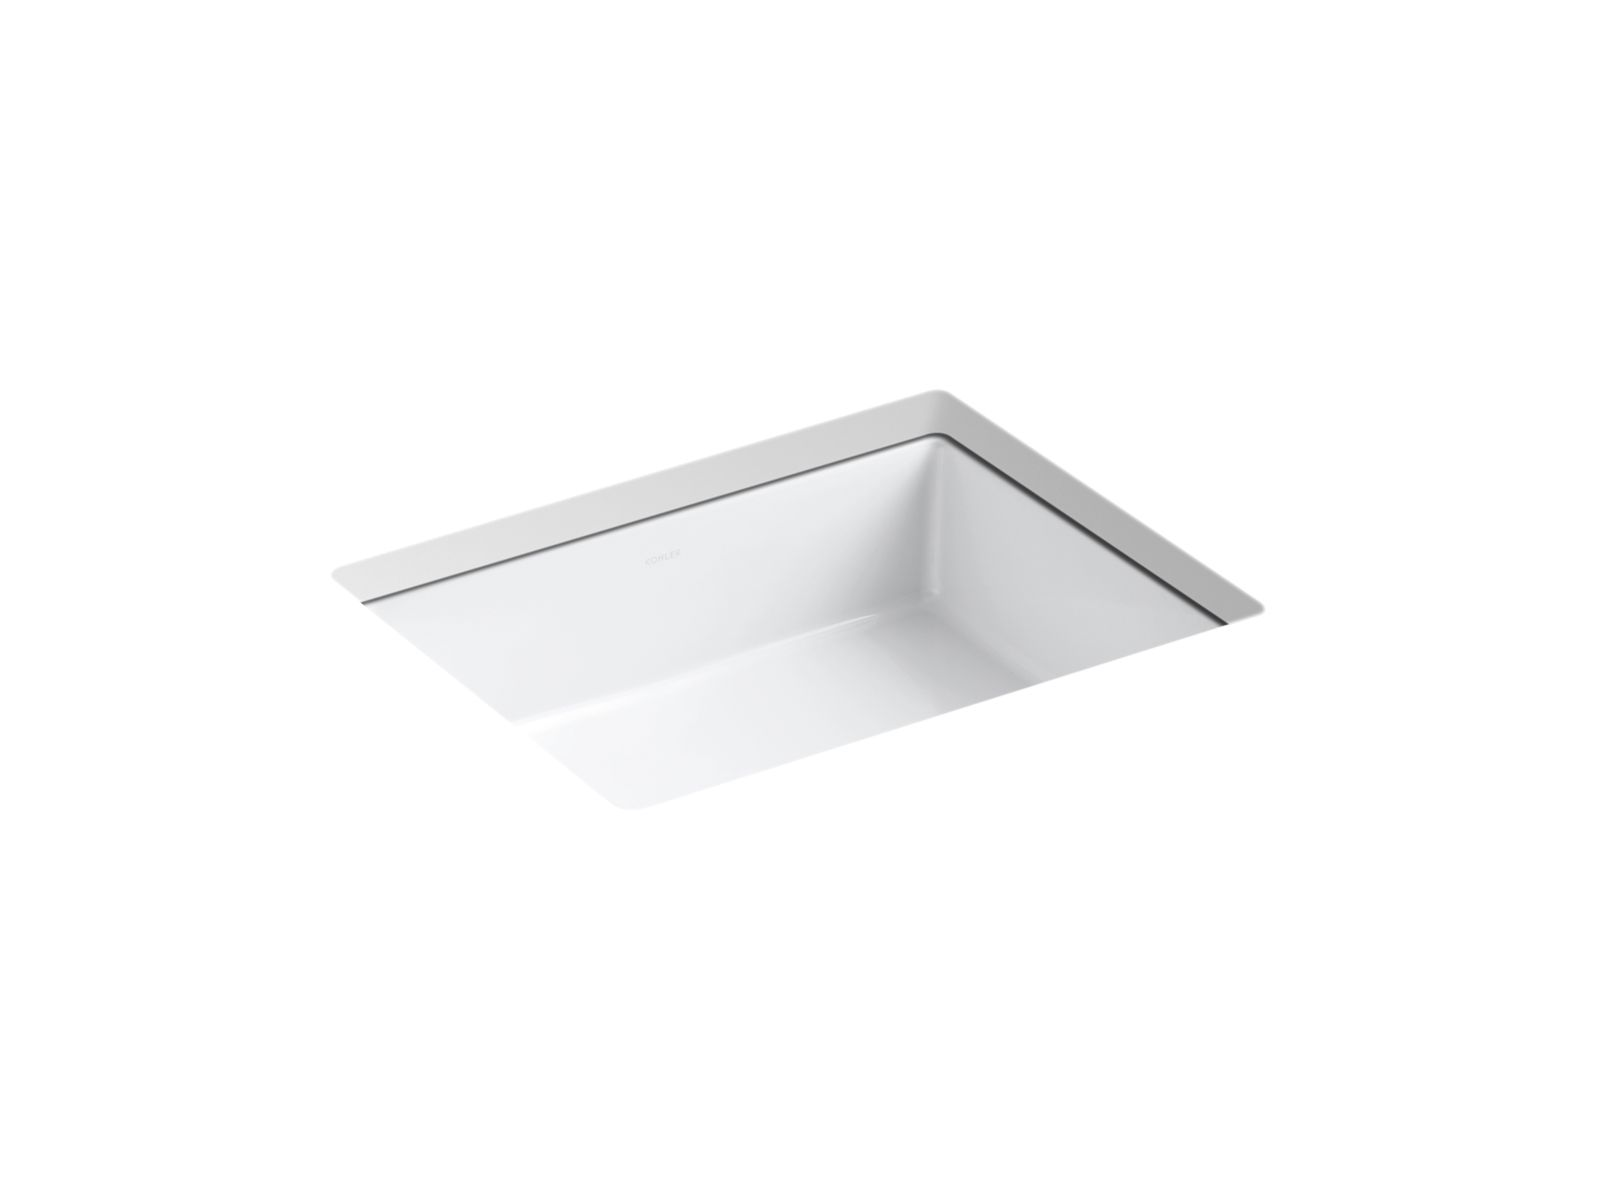 Merveilleux K 2882 | Verticyl Undermount Rectangular Sink | KOHLER